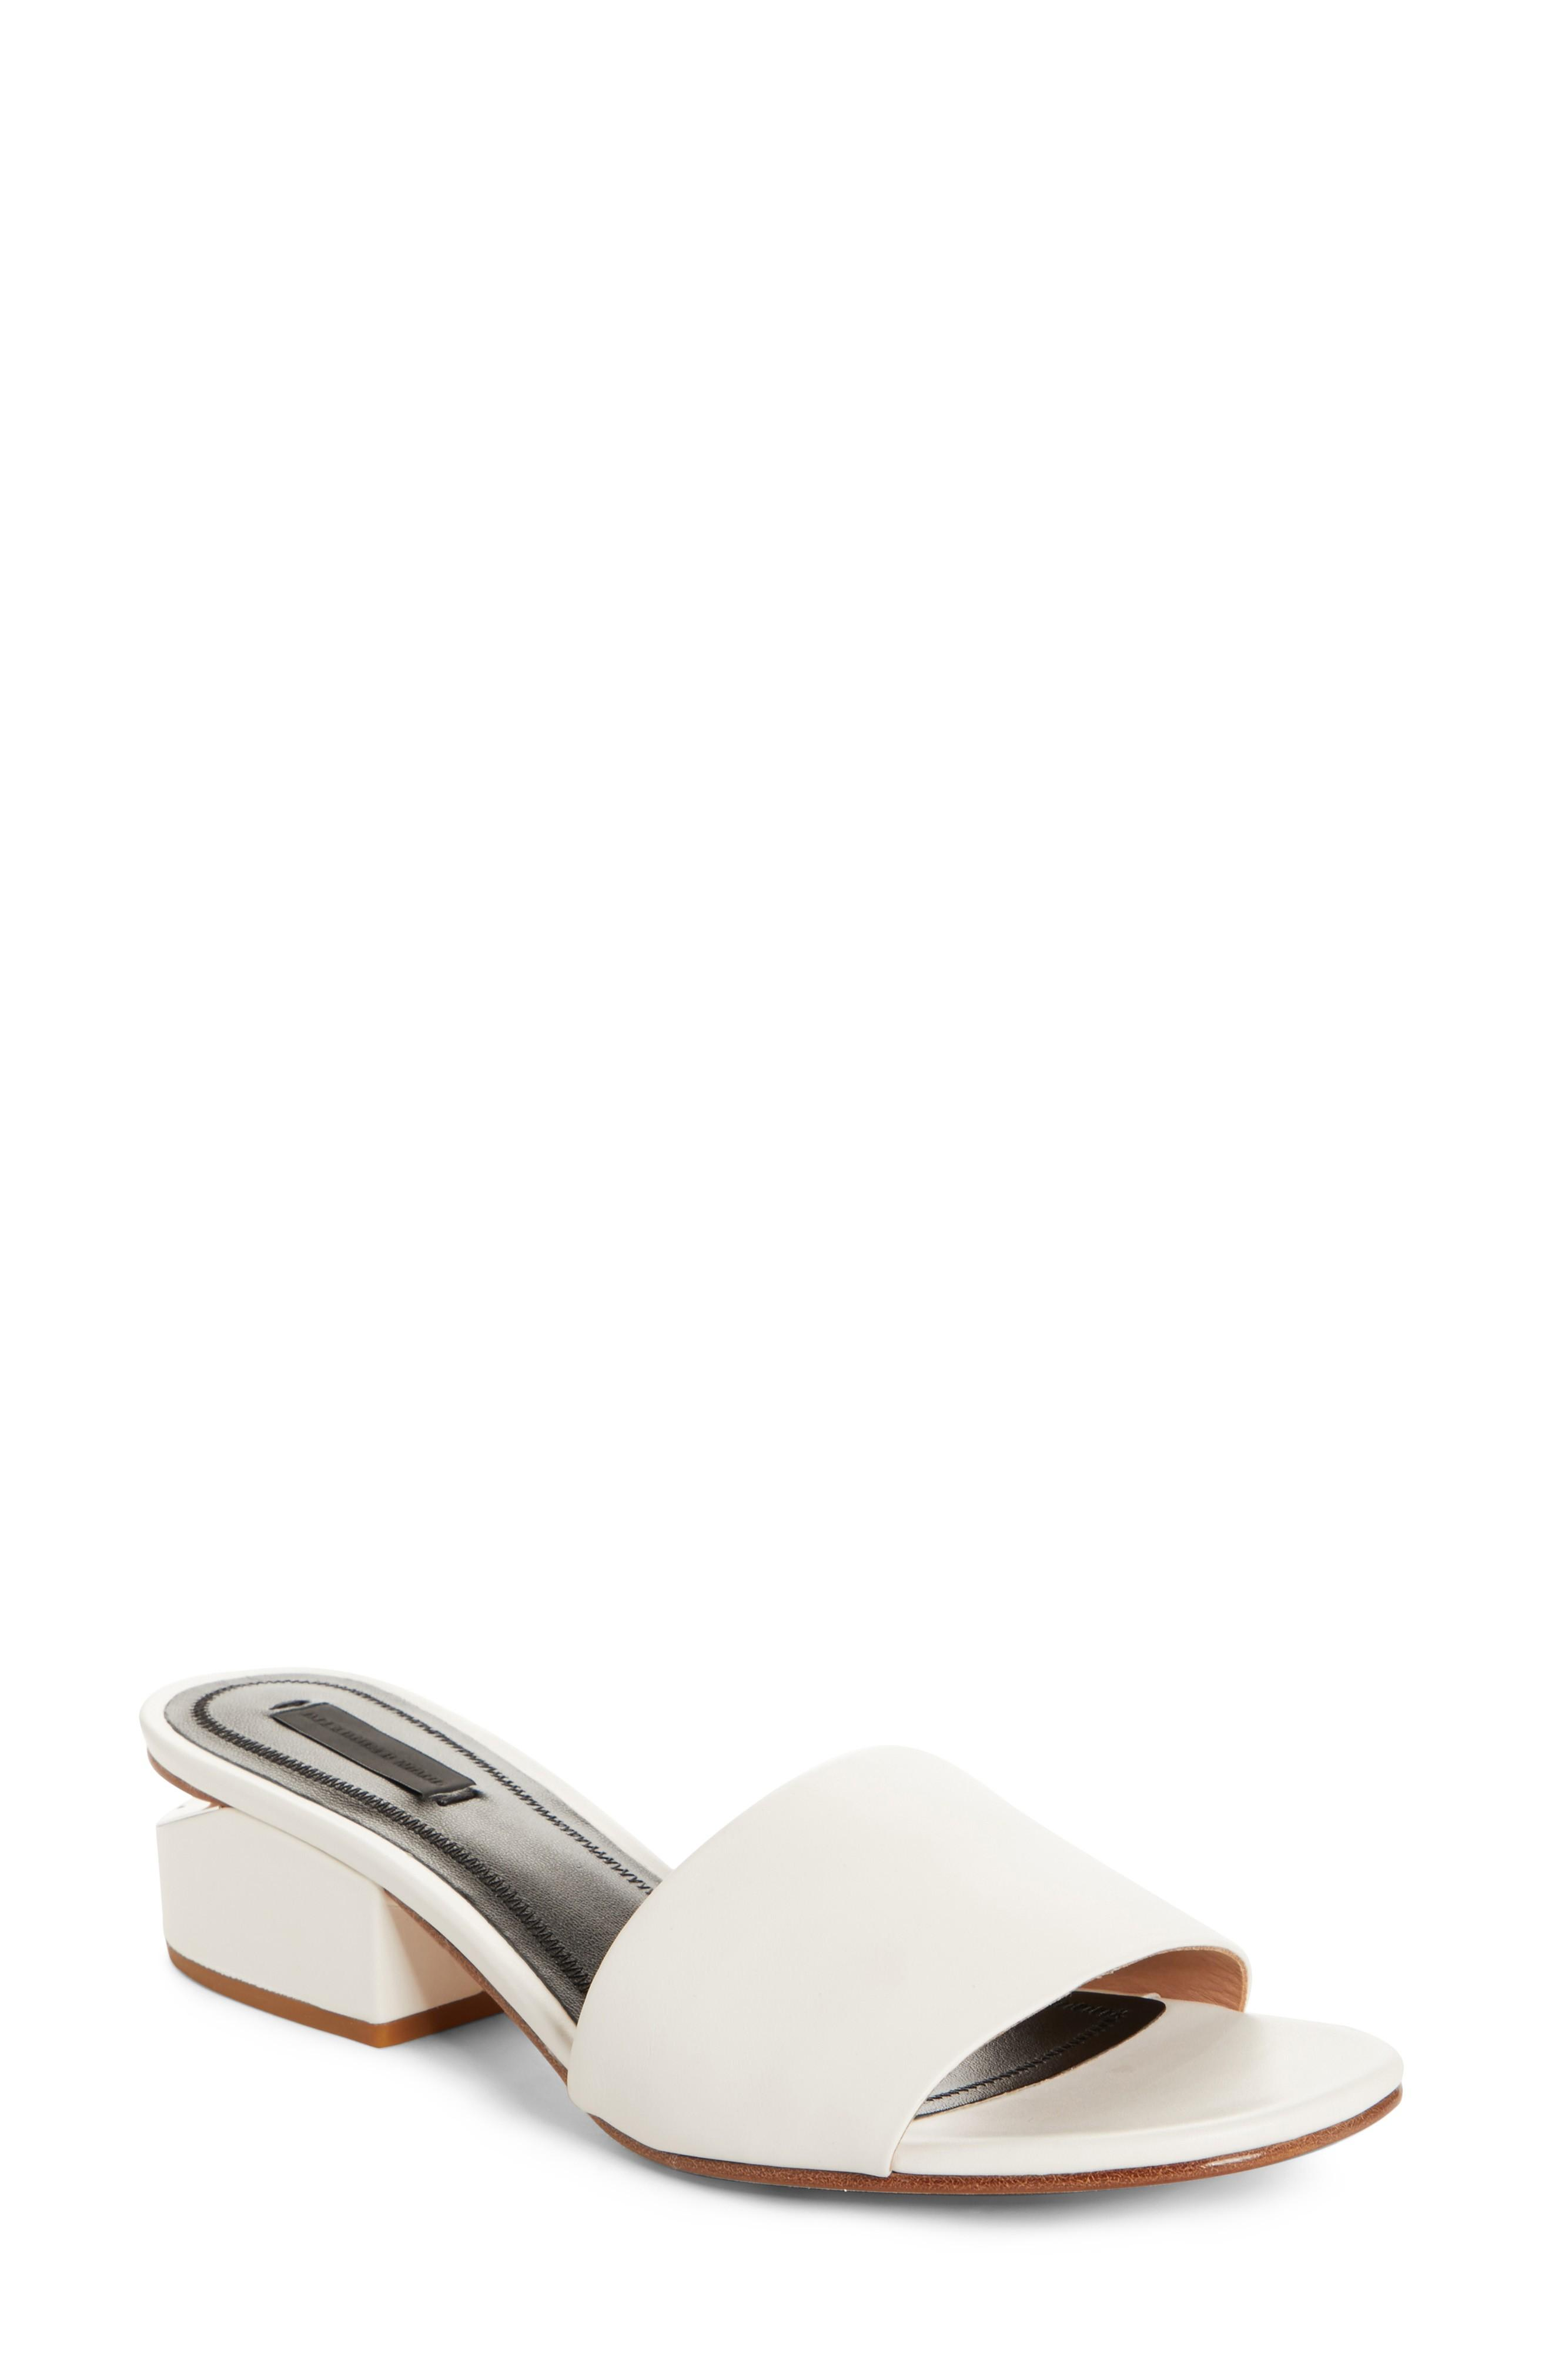 e14abd23233 Alexander Wang Lou Slide Sandal In Milk